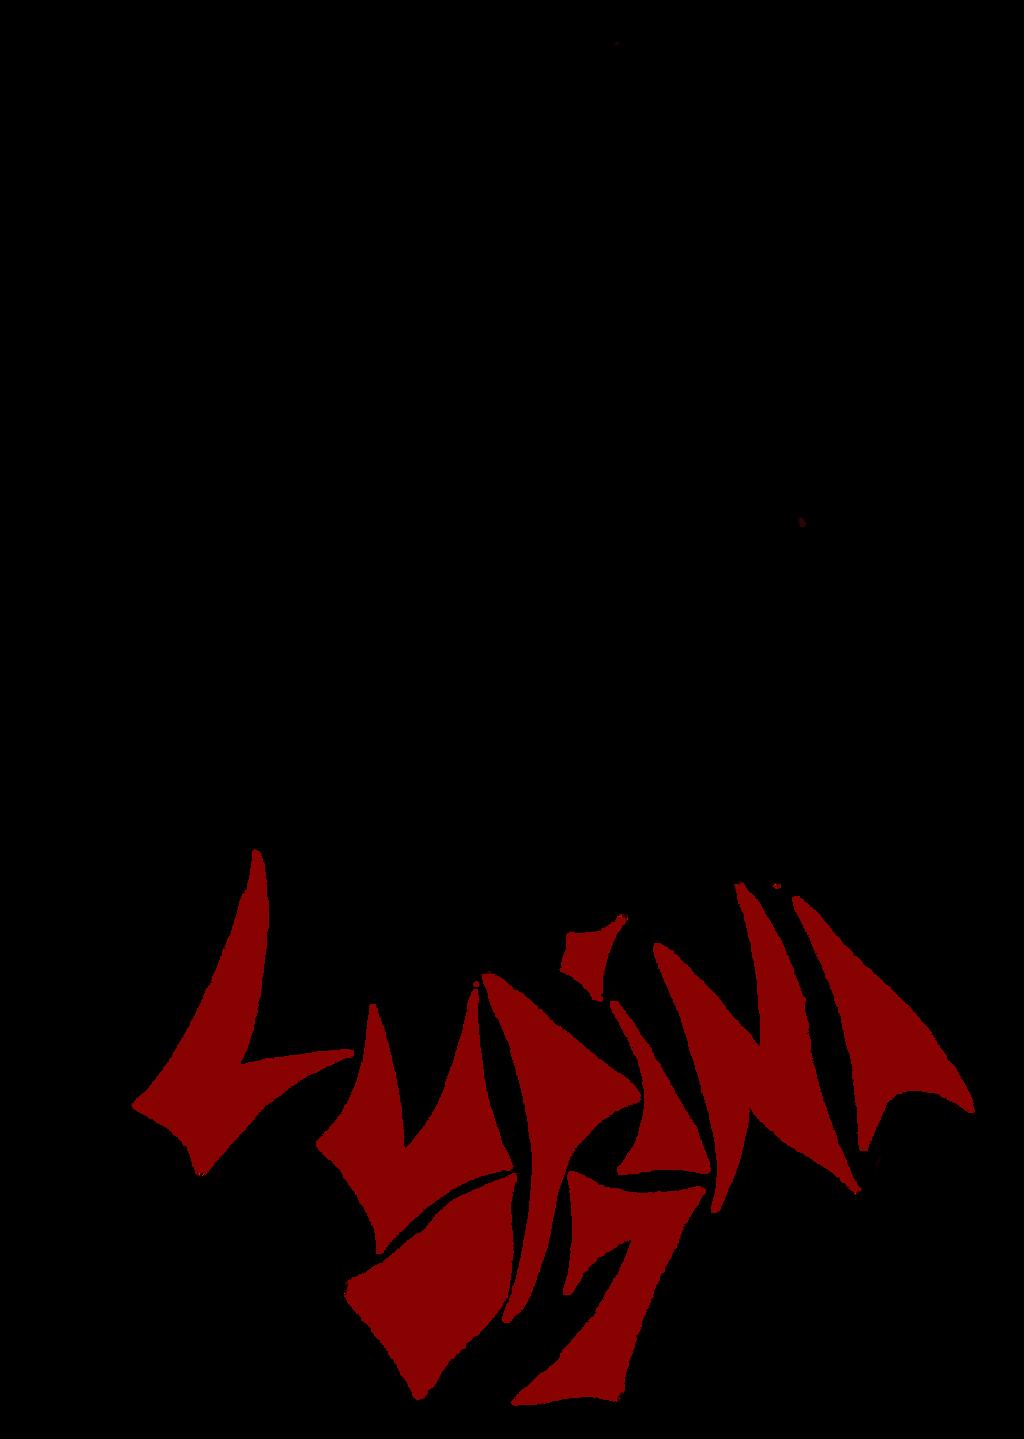 Juzoka-Vargulf-Eqqus's Profile Picture